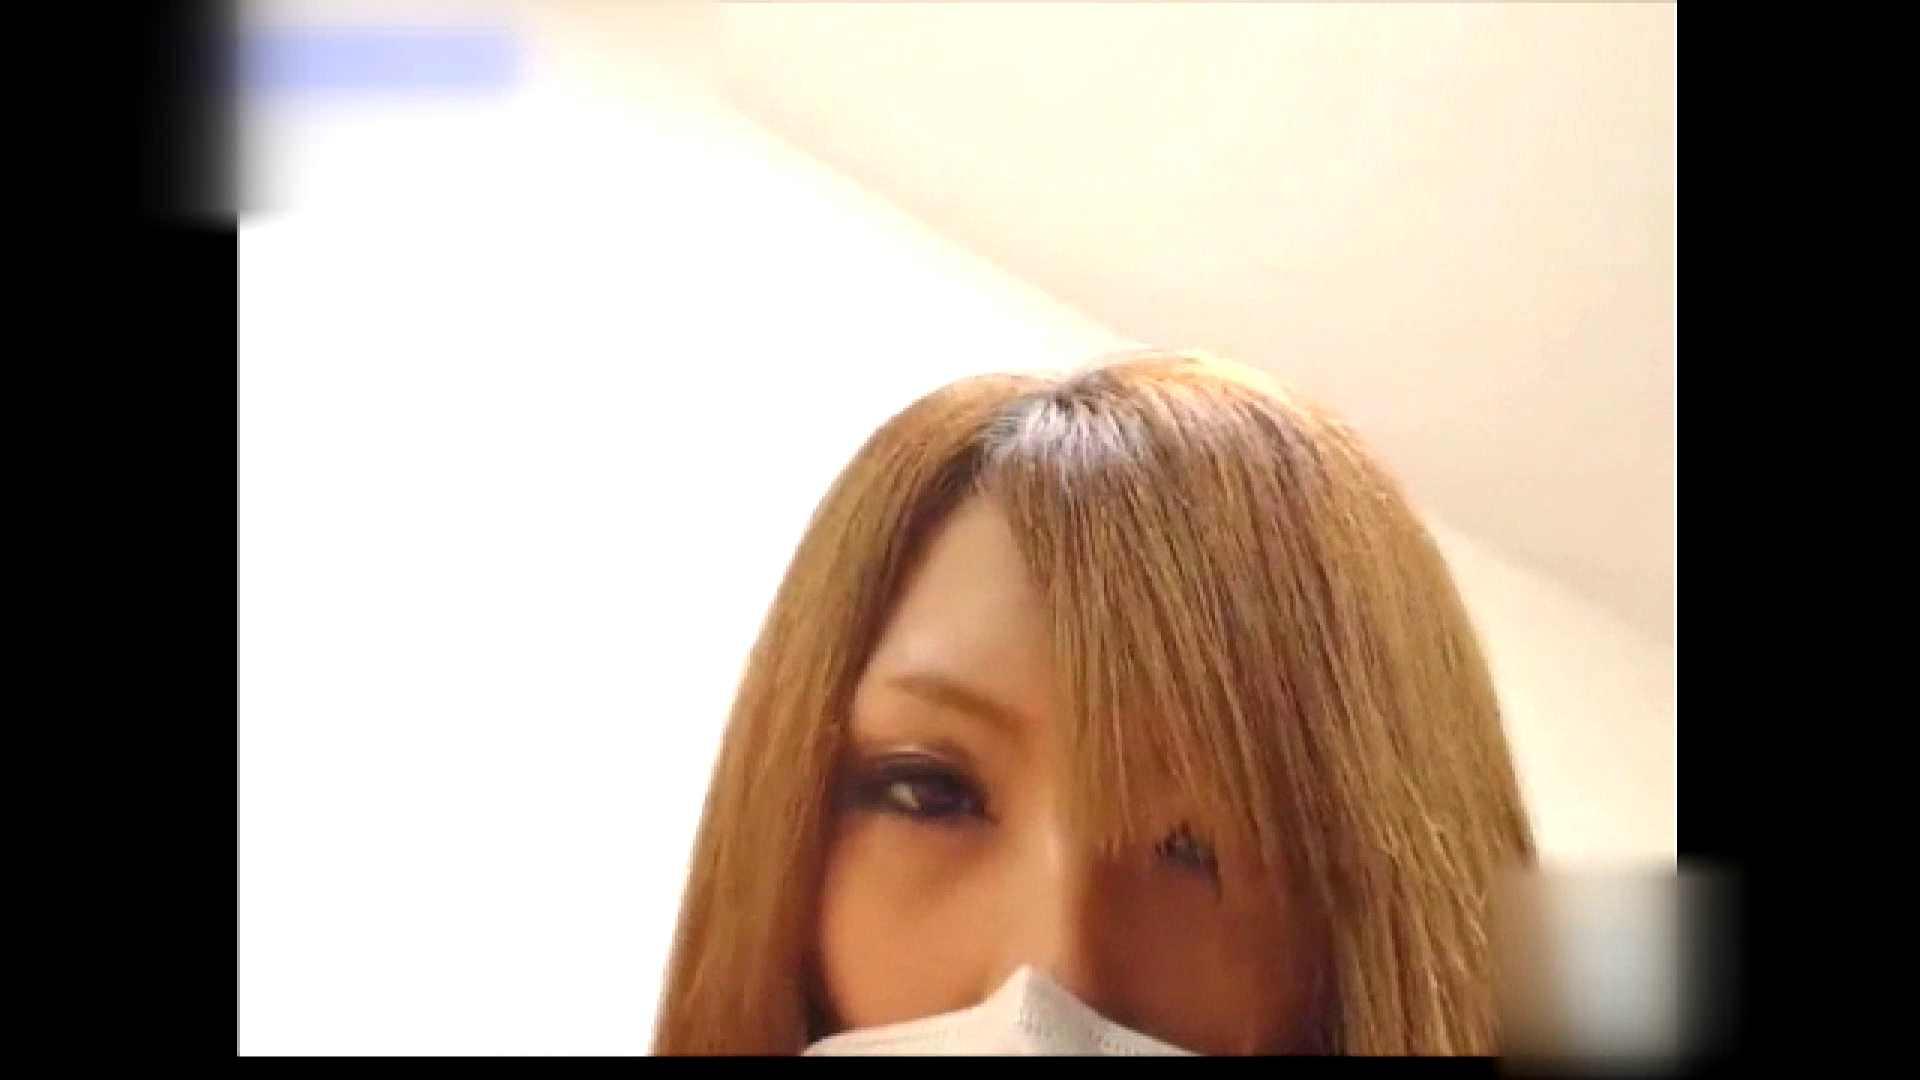 アッと驚くハメ五郎 Vol.05 ギャルすけべ画像  27連発 24